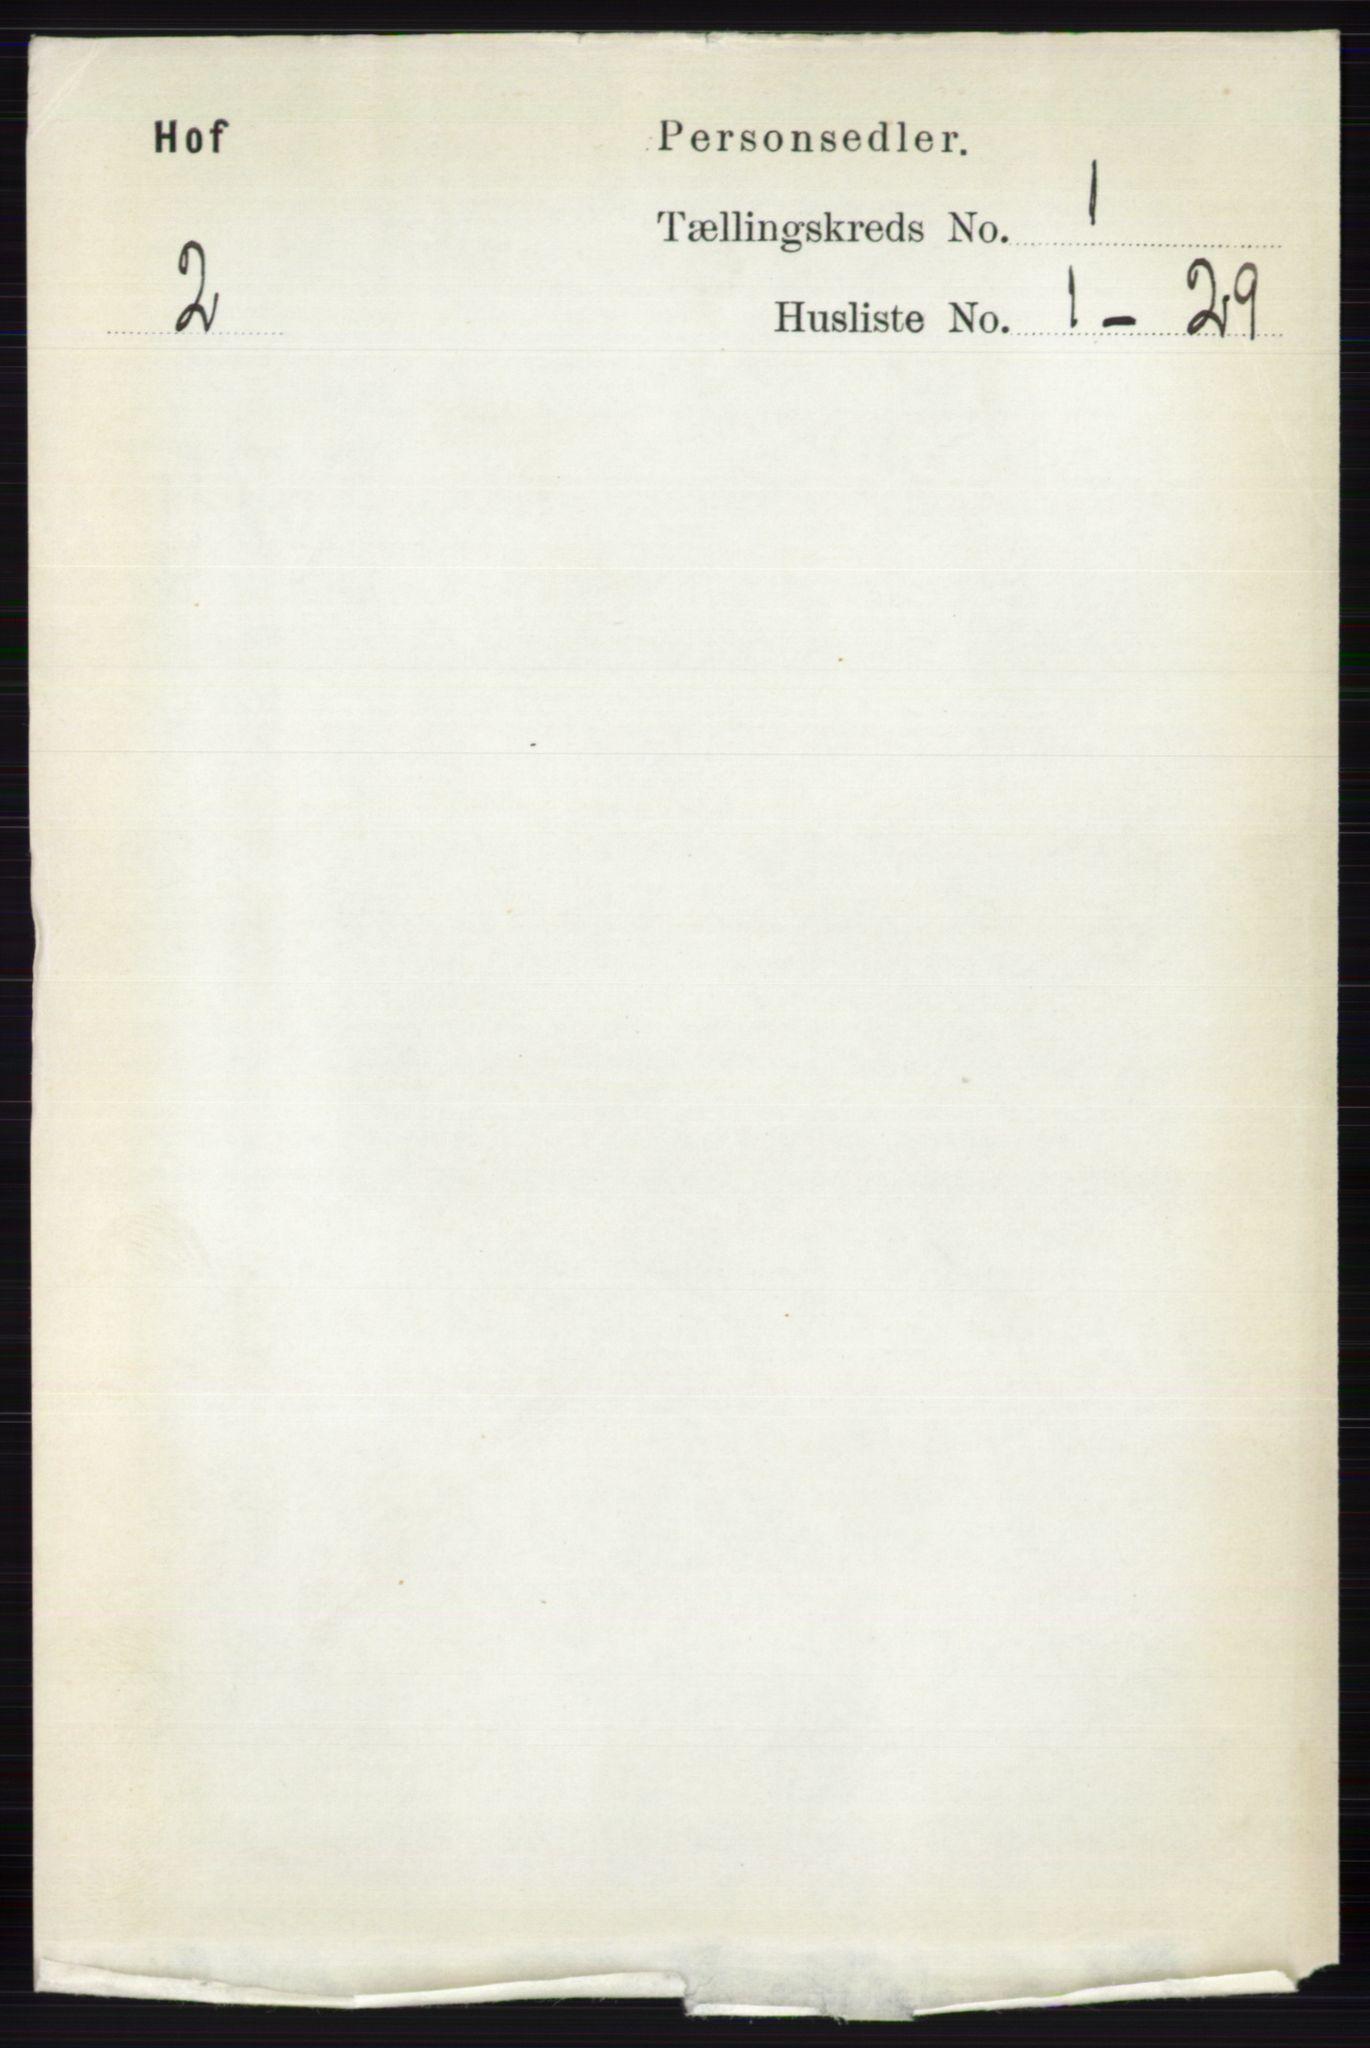 RA, Folketelling 1891 for 0424 Hof herred, 1891, s. 85